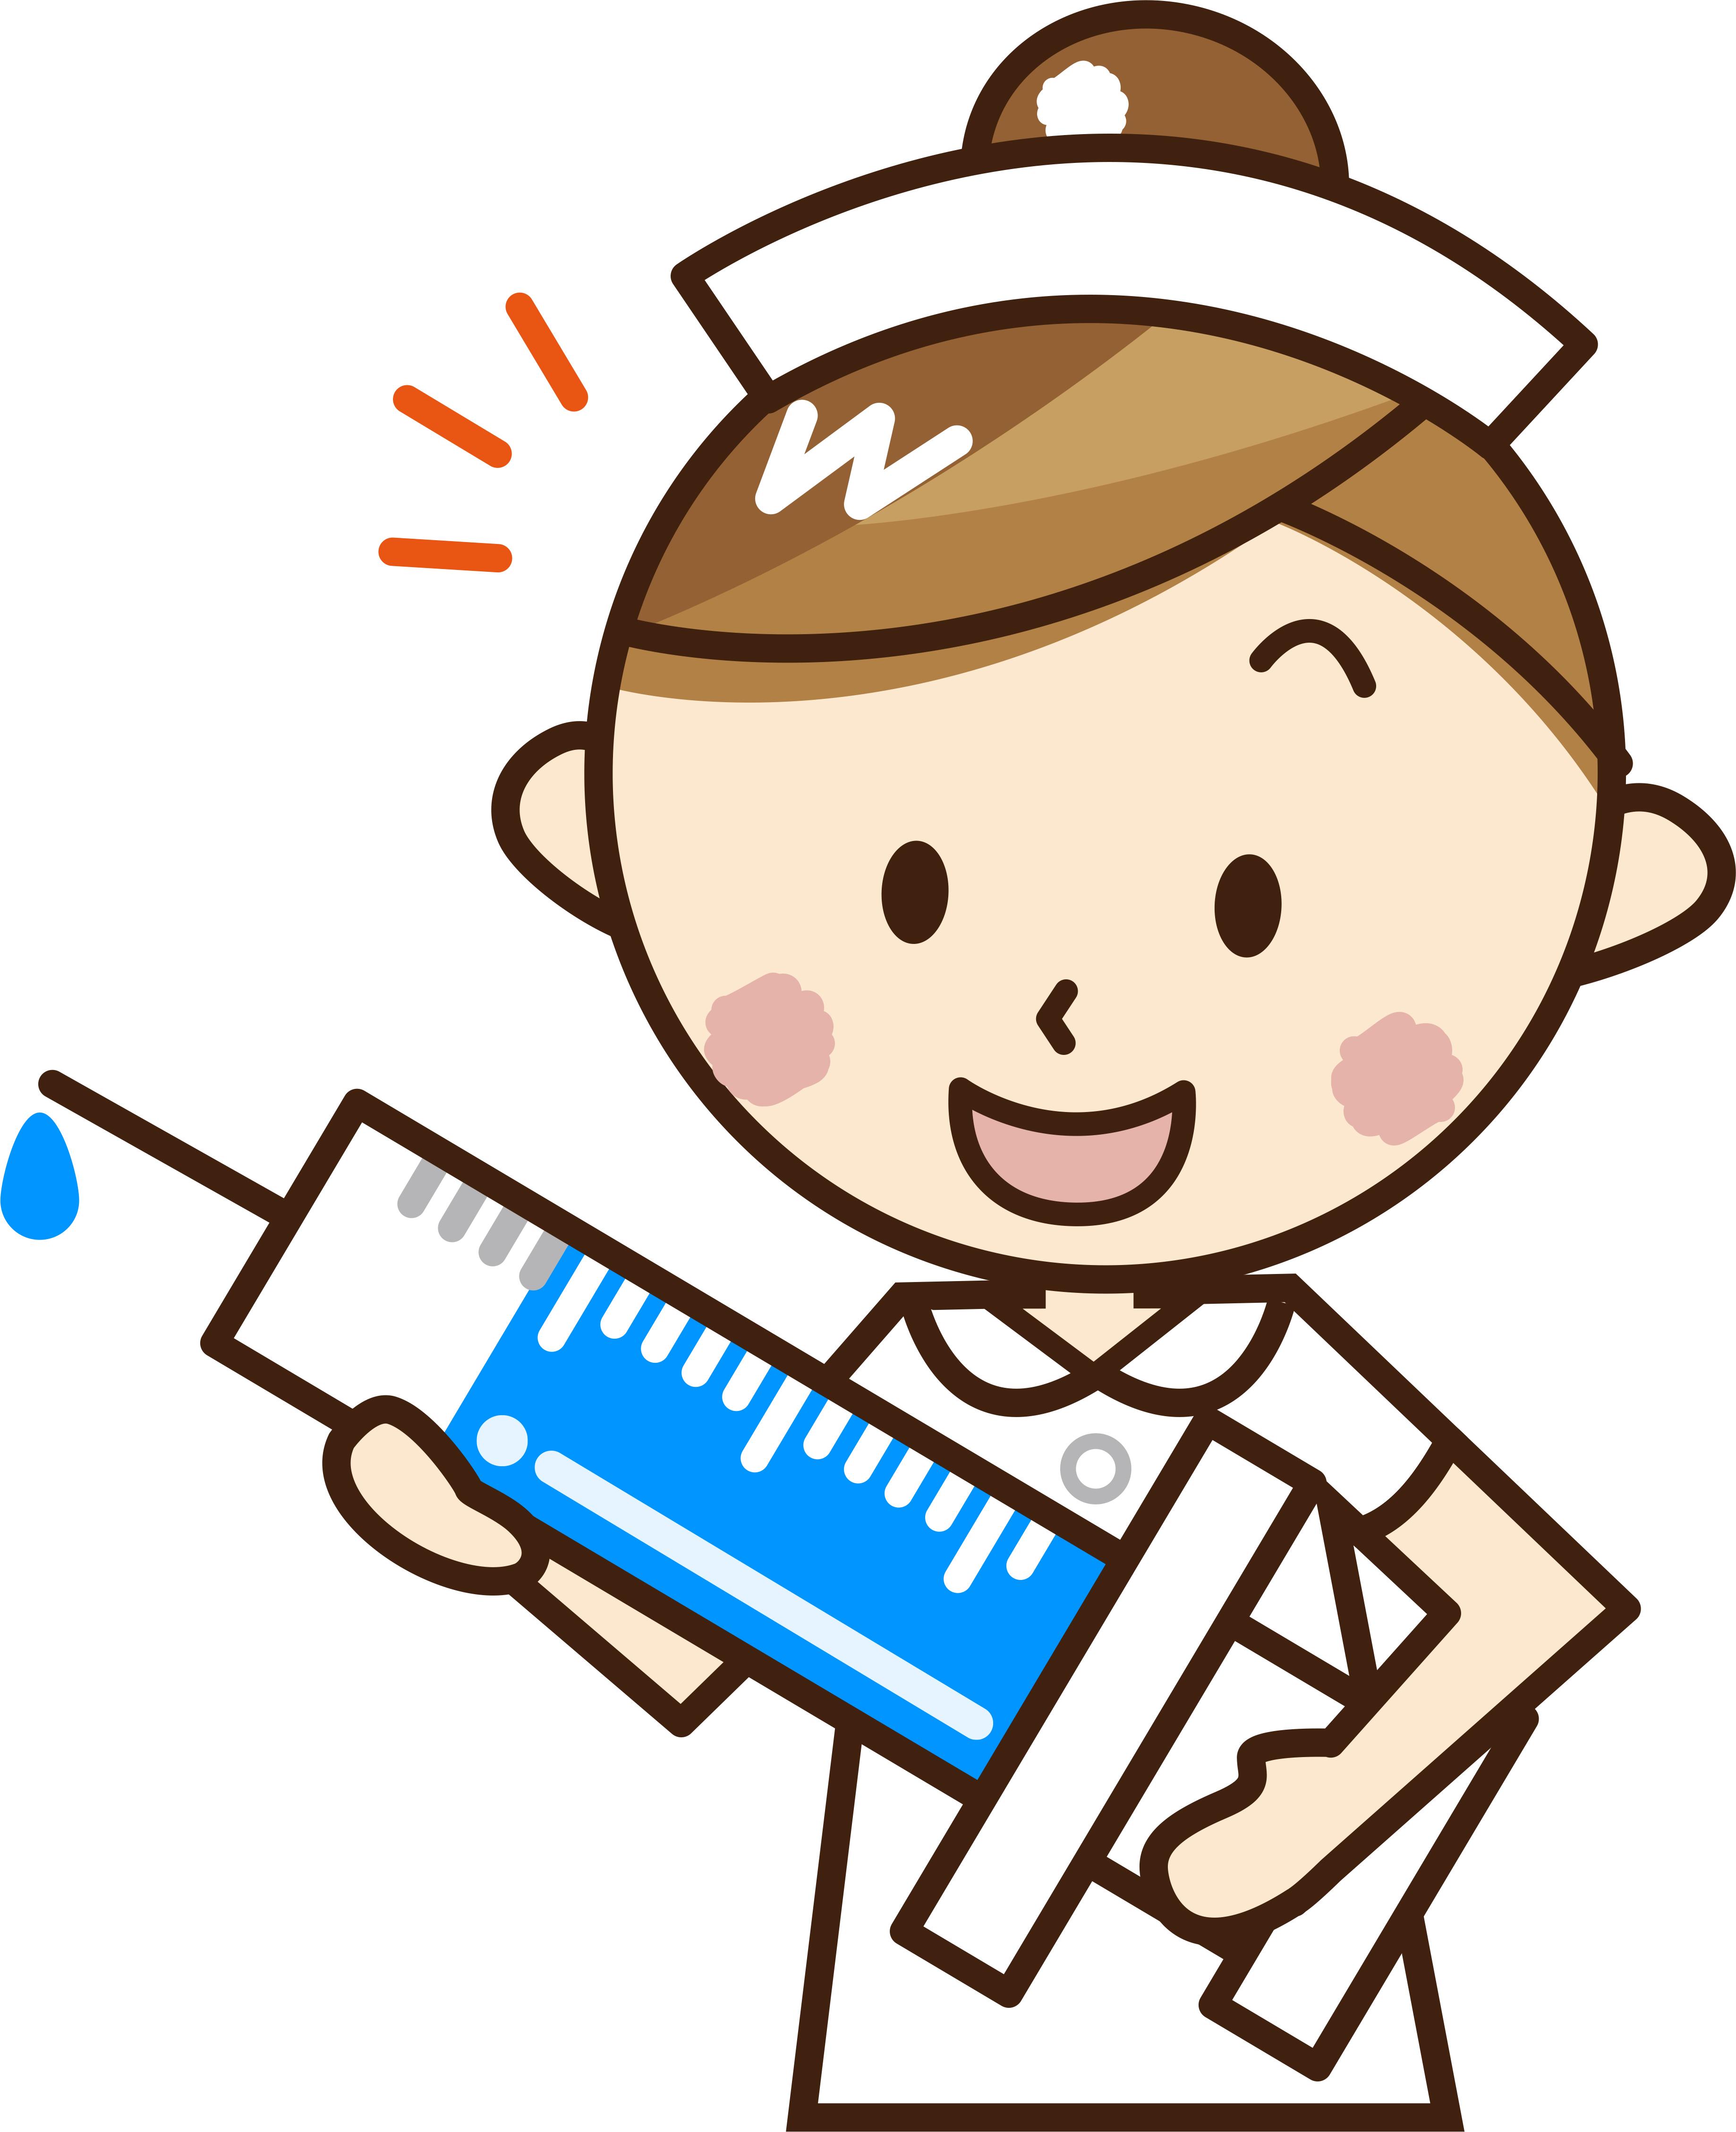 [痛風体験①]激痛のためステロイド注射で痛み止め。休職1カ月